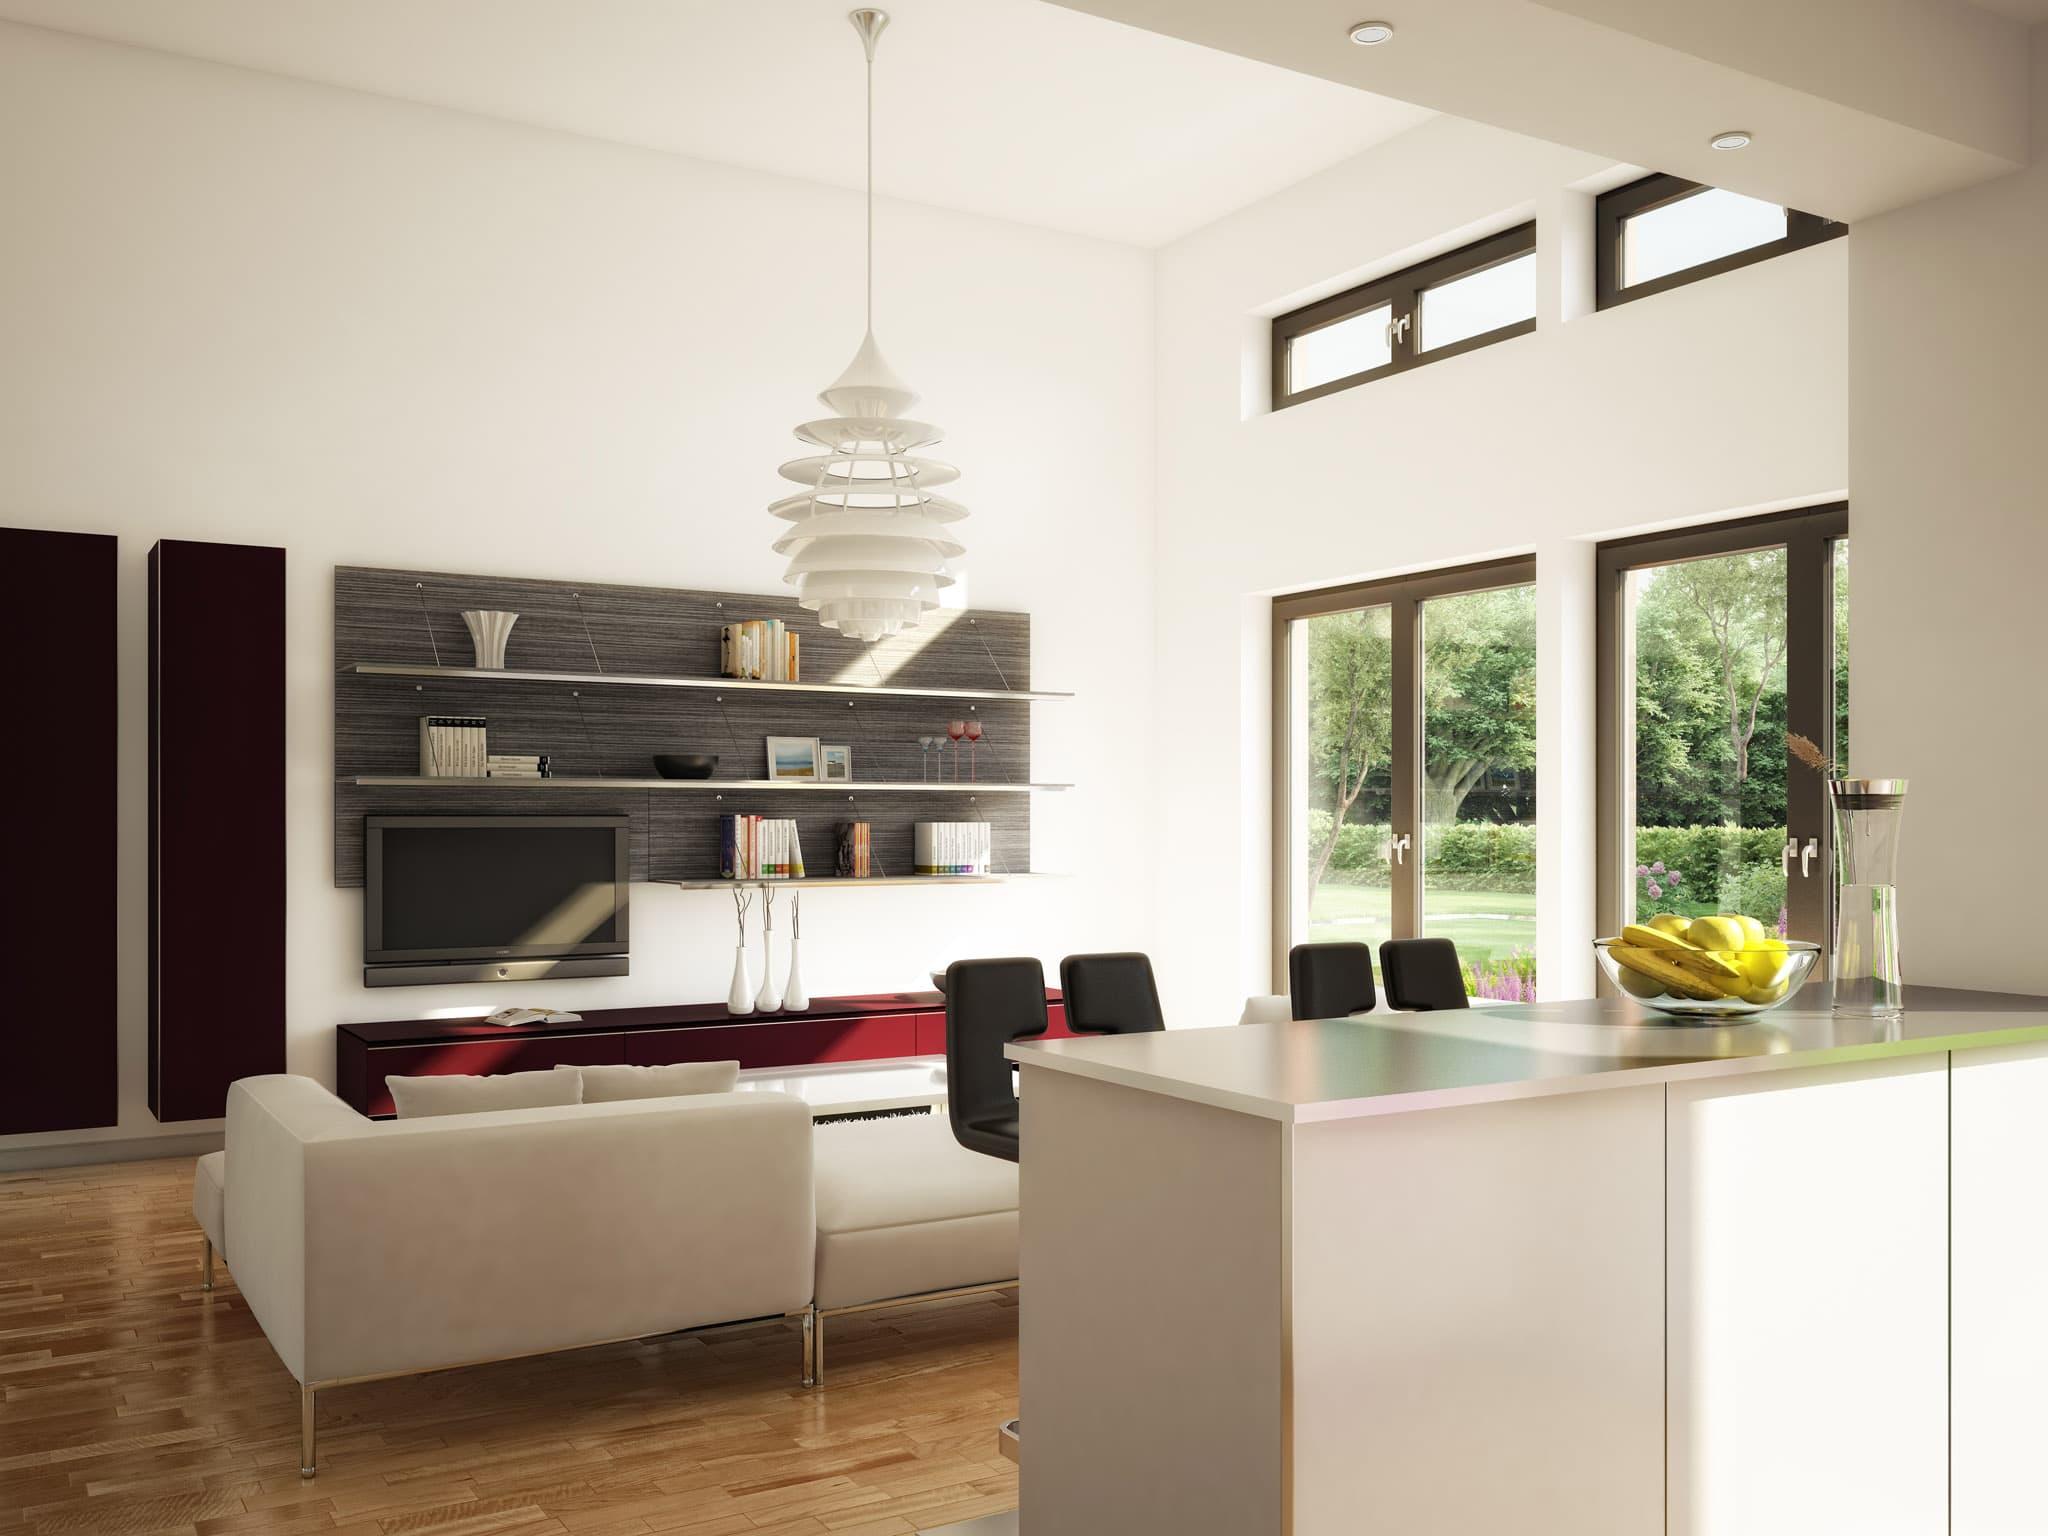 Offenes Wohnzimmer hoher Raum modern mit Küche - Ideen Inneneinrichtung Fertighaus Bungalow AMBIENCE 111 V4 von Bien Zenker - HausbauDirekt.de